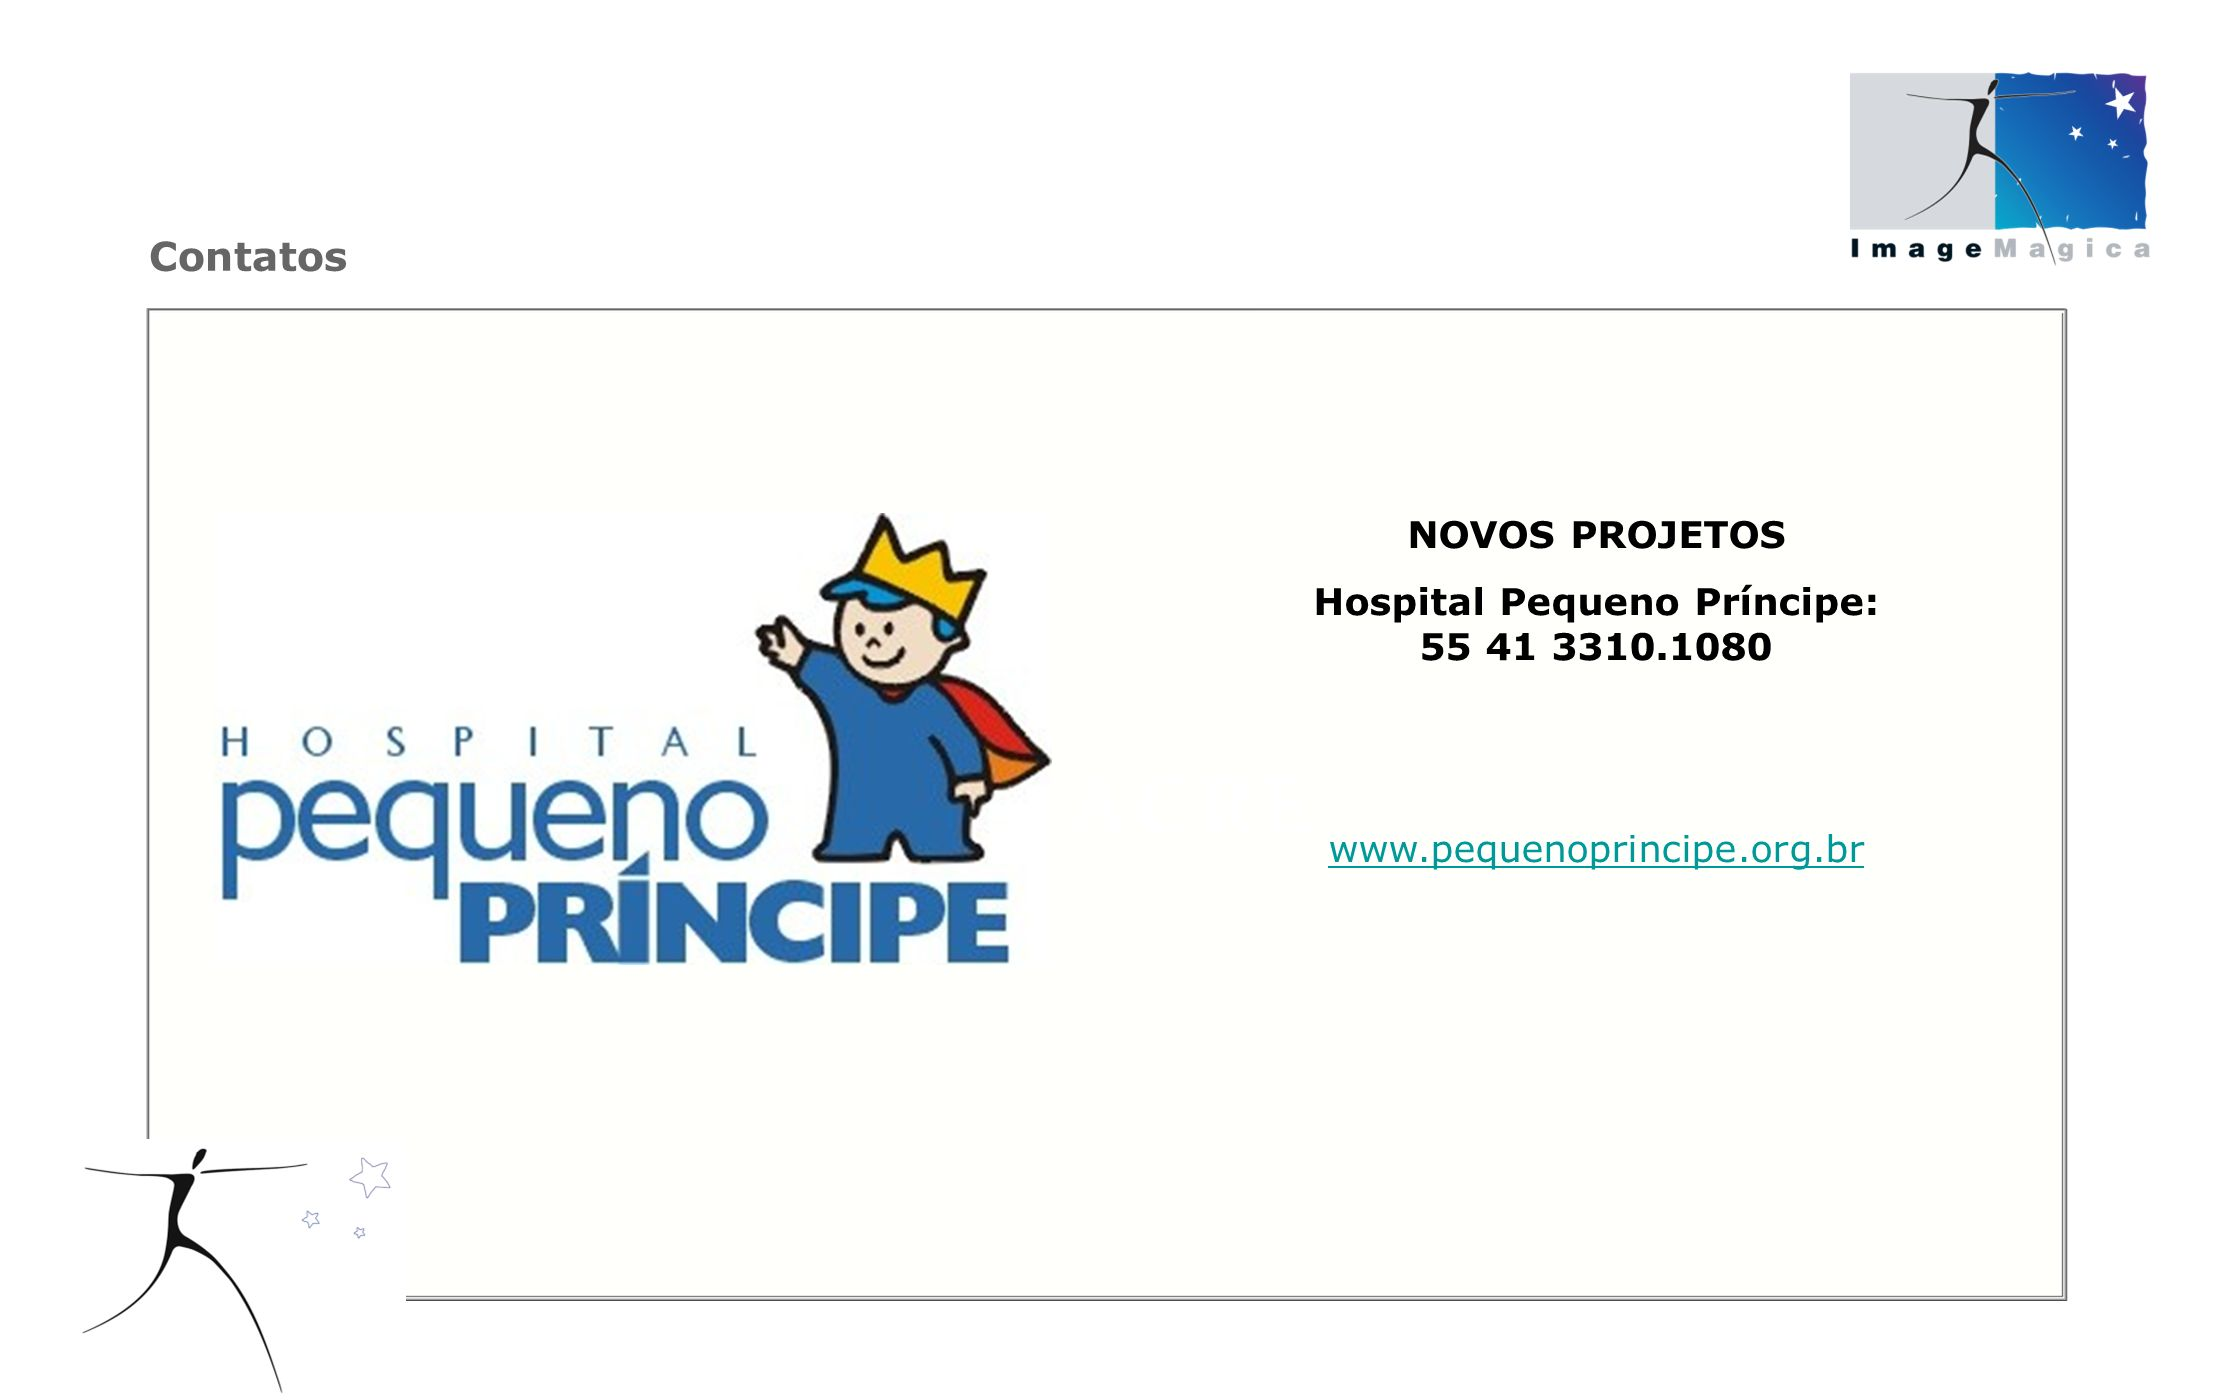 NOVOS PROJETOS Hospital Pequeno Príncipe: 55 41 3310.1080 www.pequenoprincipe.org.br Contatos